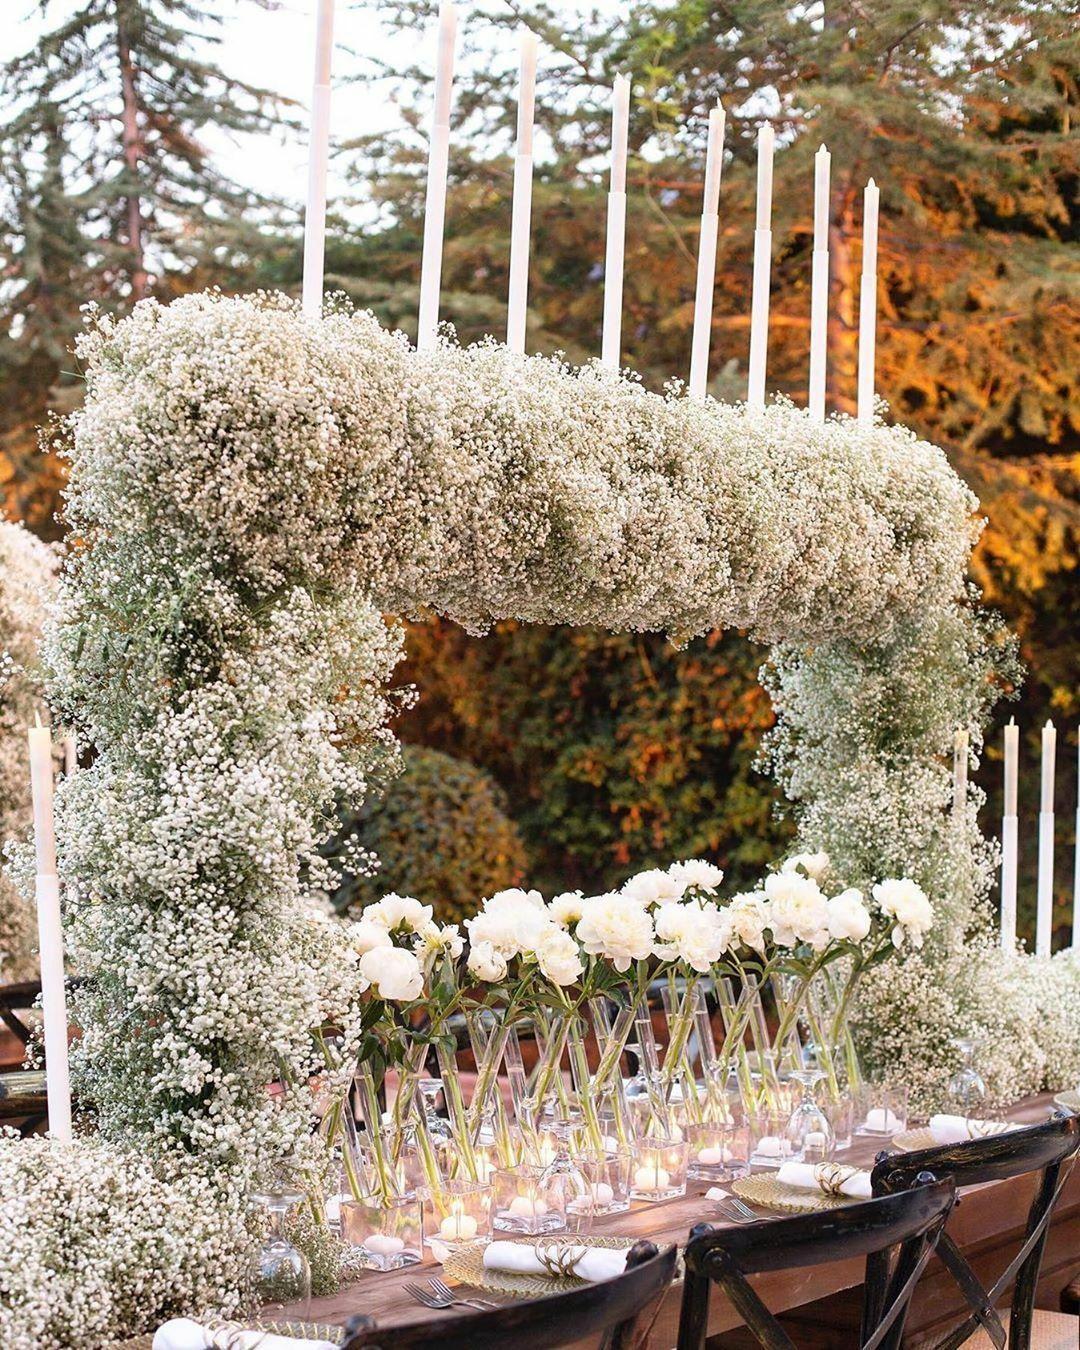 artificiales de la decoración de látex flores decoración de la boda Flores Babysbreath flor del banquete de bricolaje Home Office Scrapbooking Craft Estambre